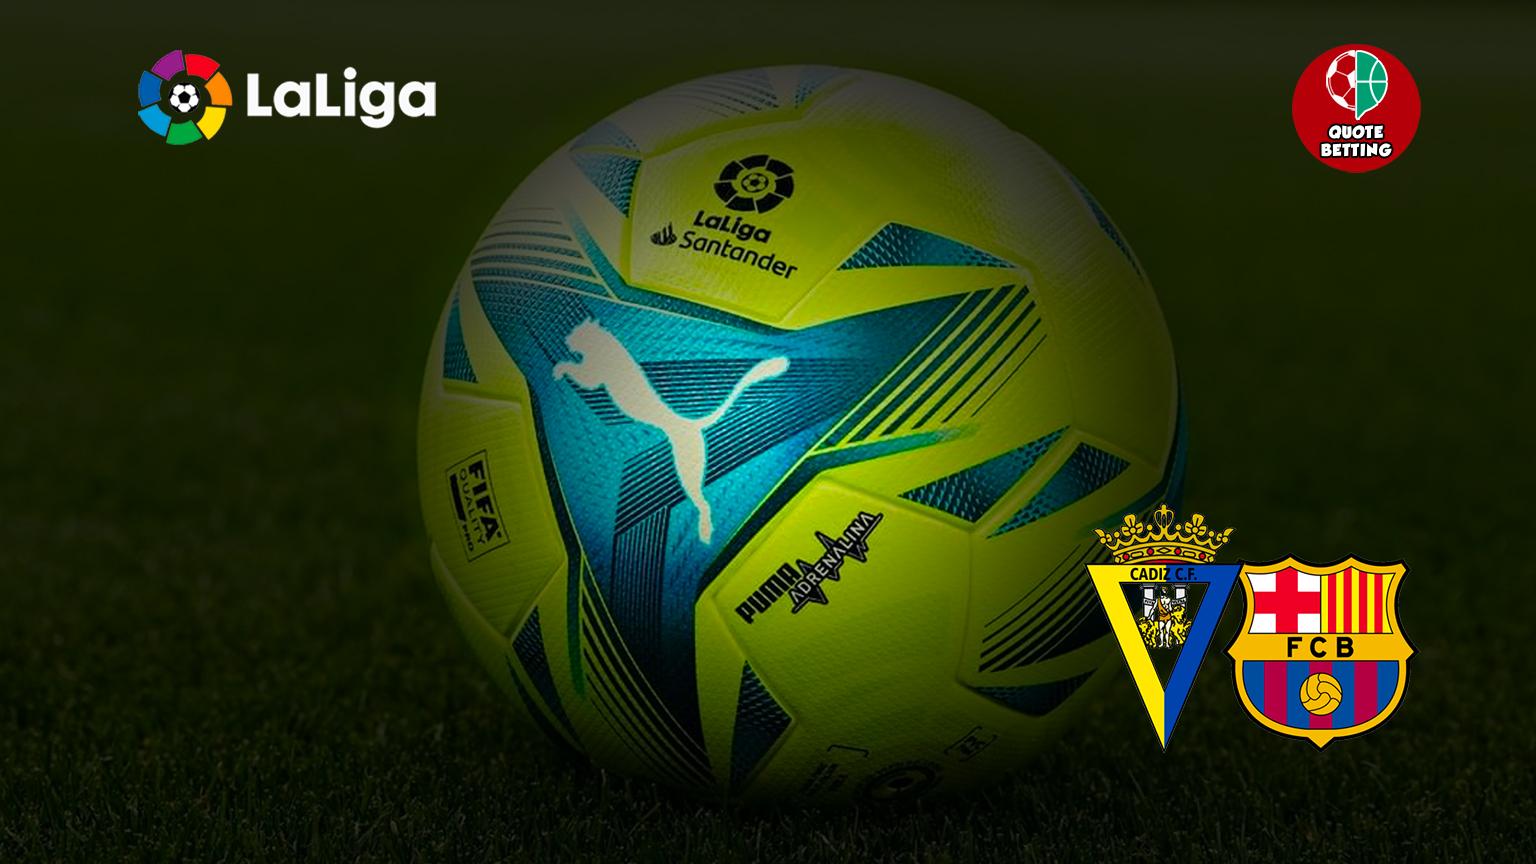 cadiz odds cadiz barcelona tempat untuk melihat di tv prediksi prediksi odds spanyol la liga taruhan sepak bola spanyol cadiz-barcelona barcelona boat